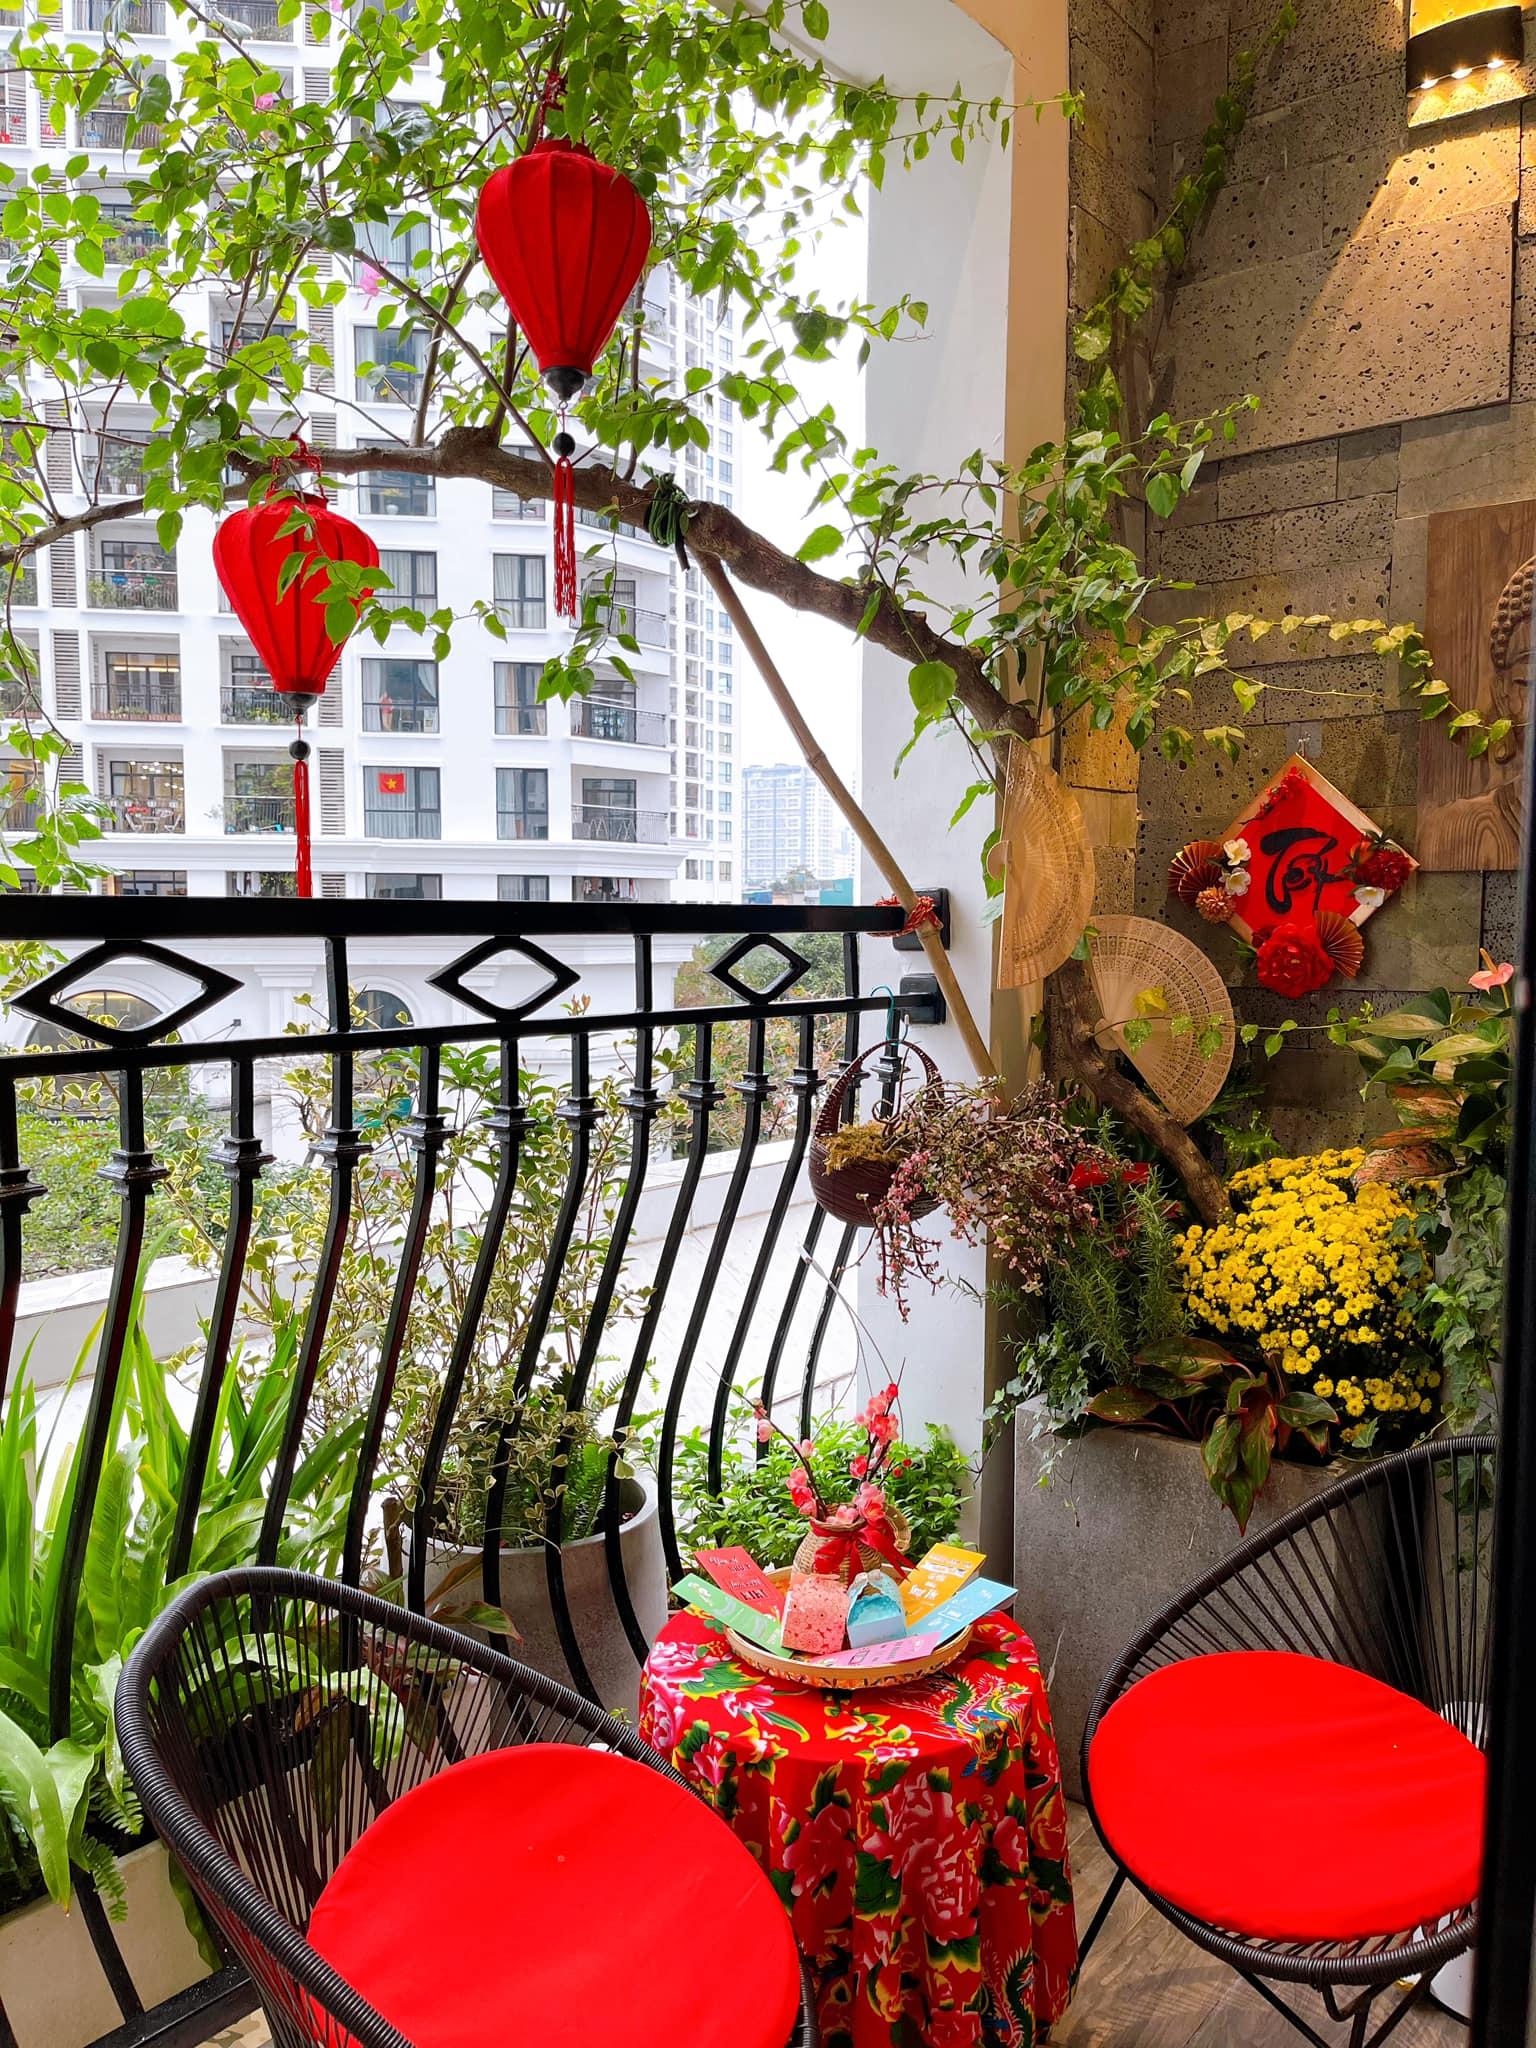 Không gian ban công chung cư nơi phố thị đã được một gia đình trang trí để thể hiện tinh thần ngày Tết, tràn ngập trong sắc đỏ may mắn.